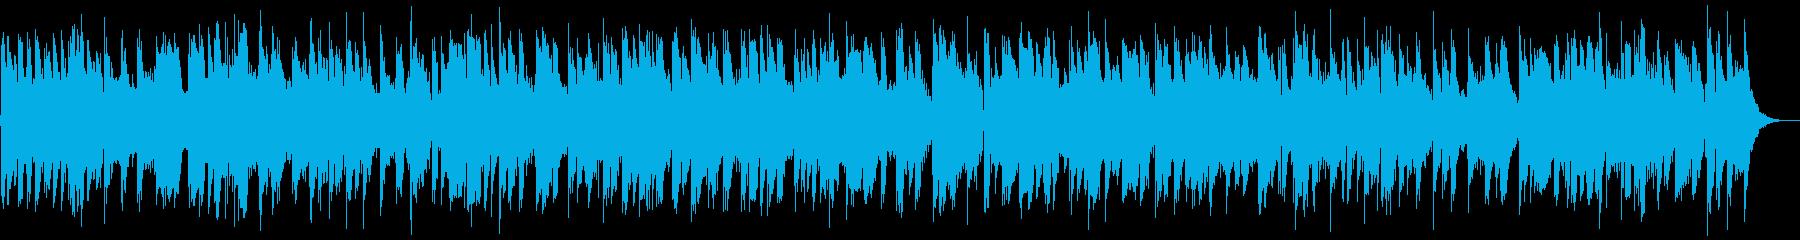 お洒落なモダンスムースジャズBGMの再生済みの波形